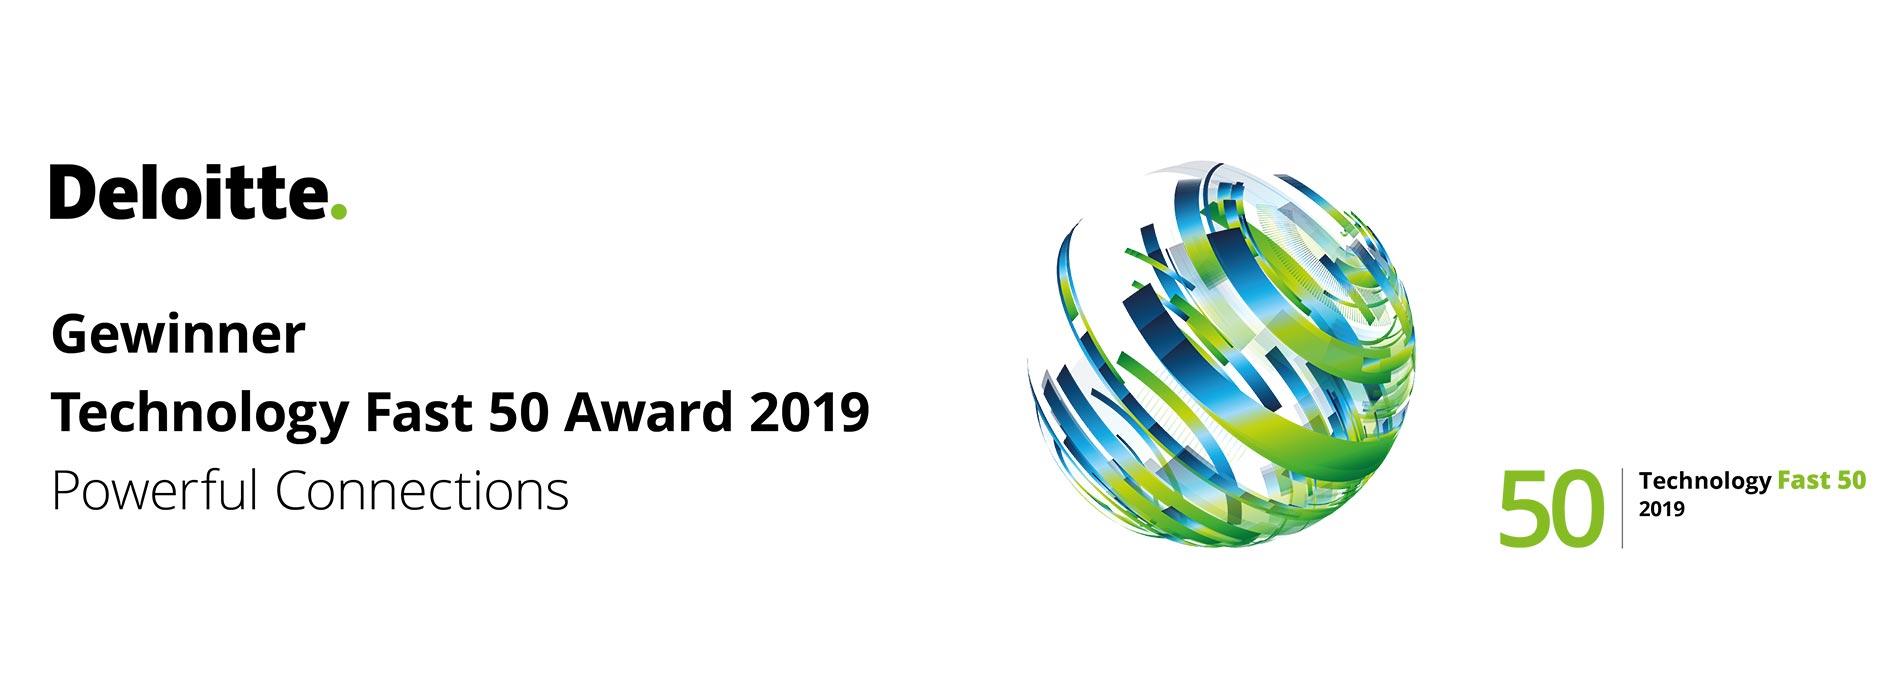 Deloitte Fast 50 Award for IdentPro